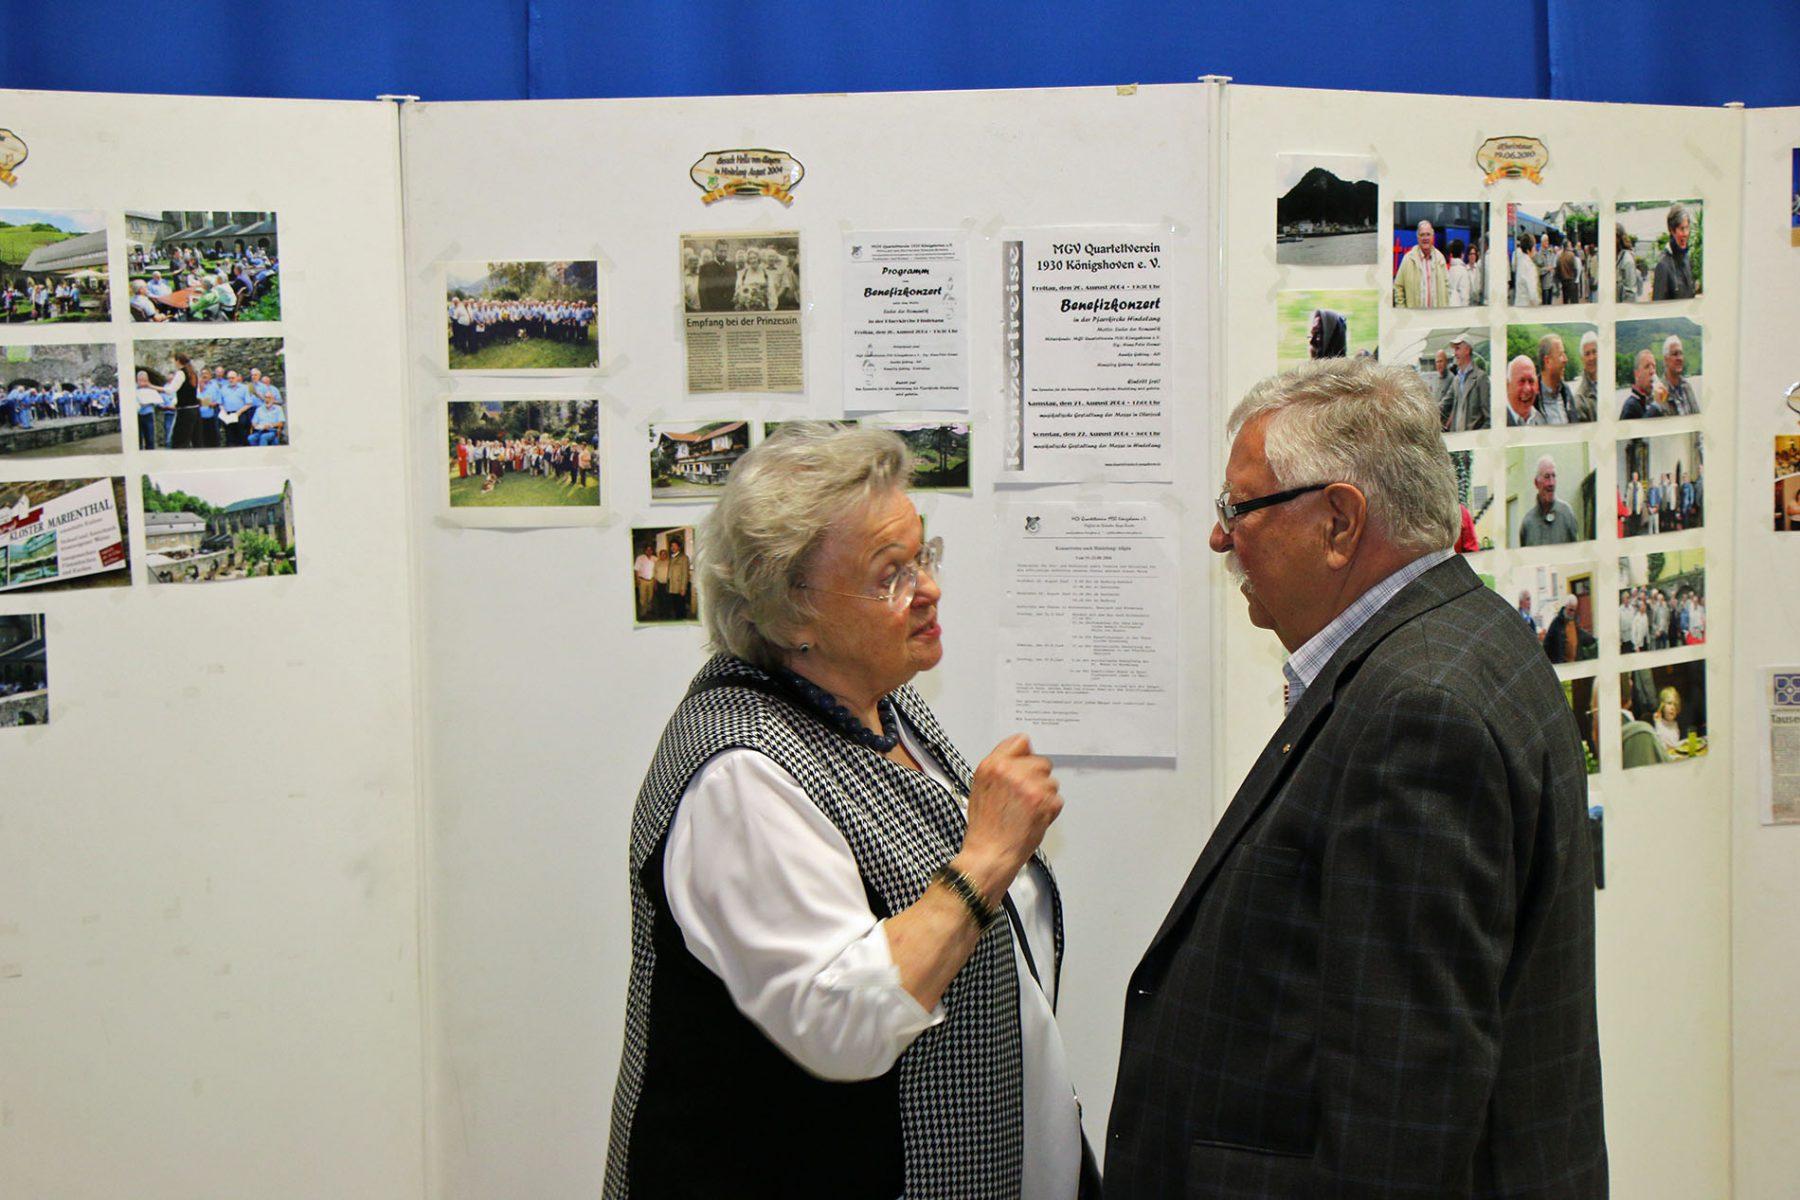 20200117-Eroeffnung-der-Fotoausstellung-zu-90-Jahre-MGV-Quartettverein-Foto043